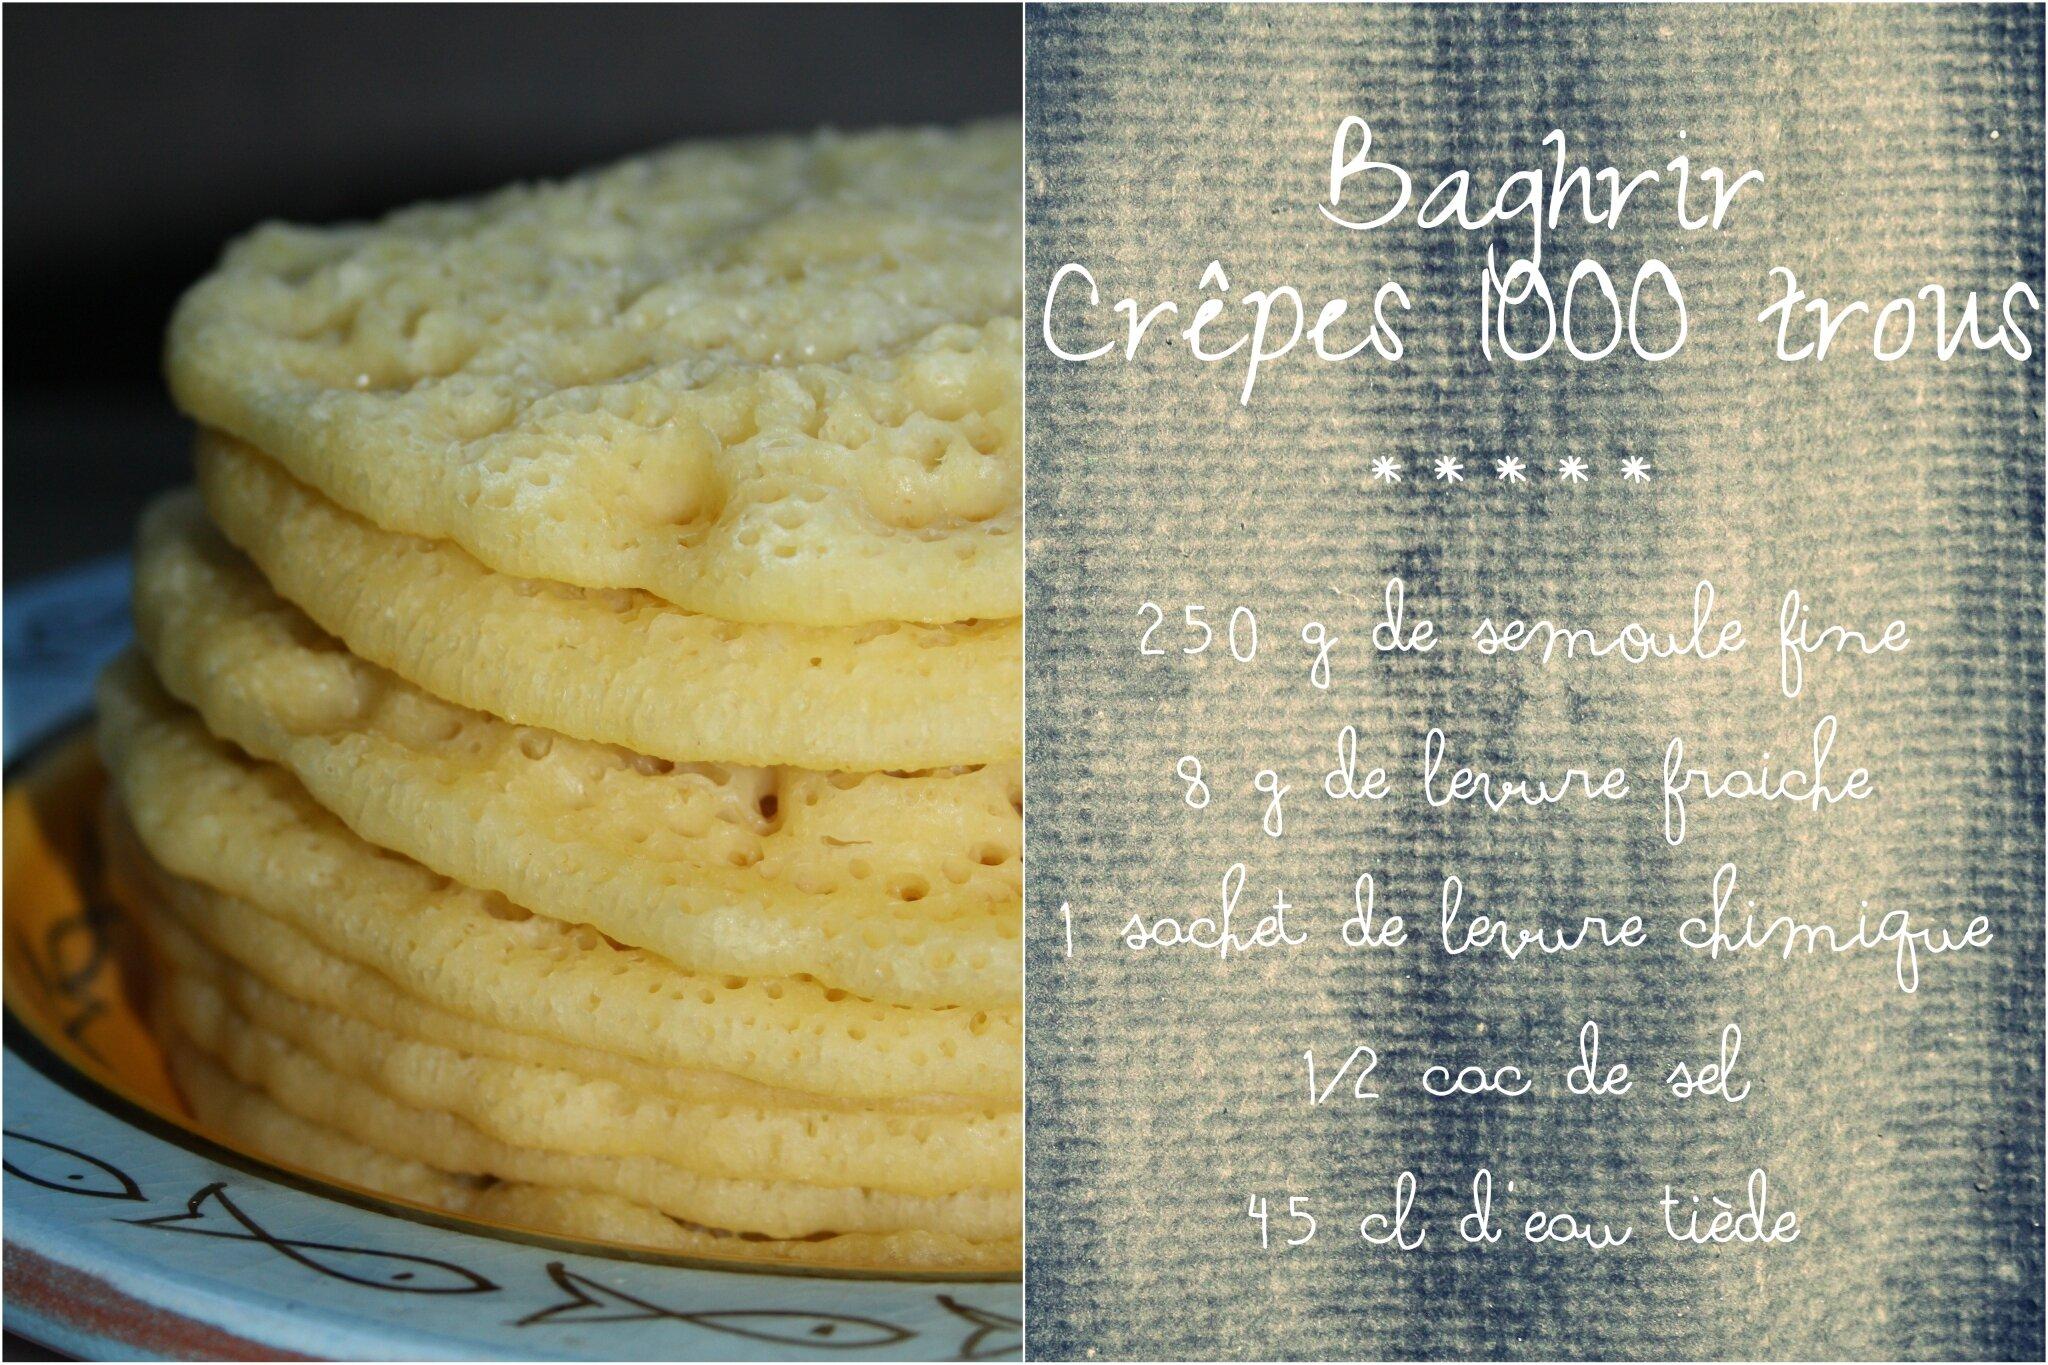 Baghrir ou cr pes 1000 trous les 5 sens en cuisine - Comment faire les crepes ...